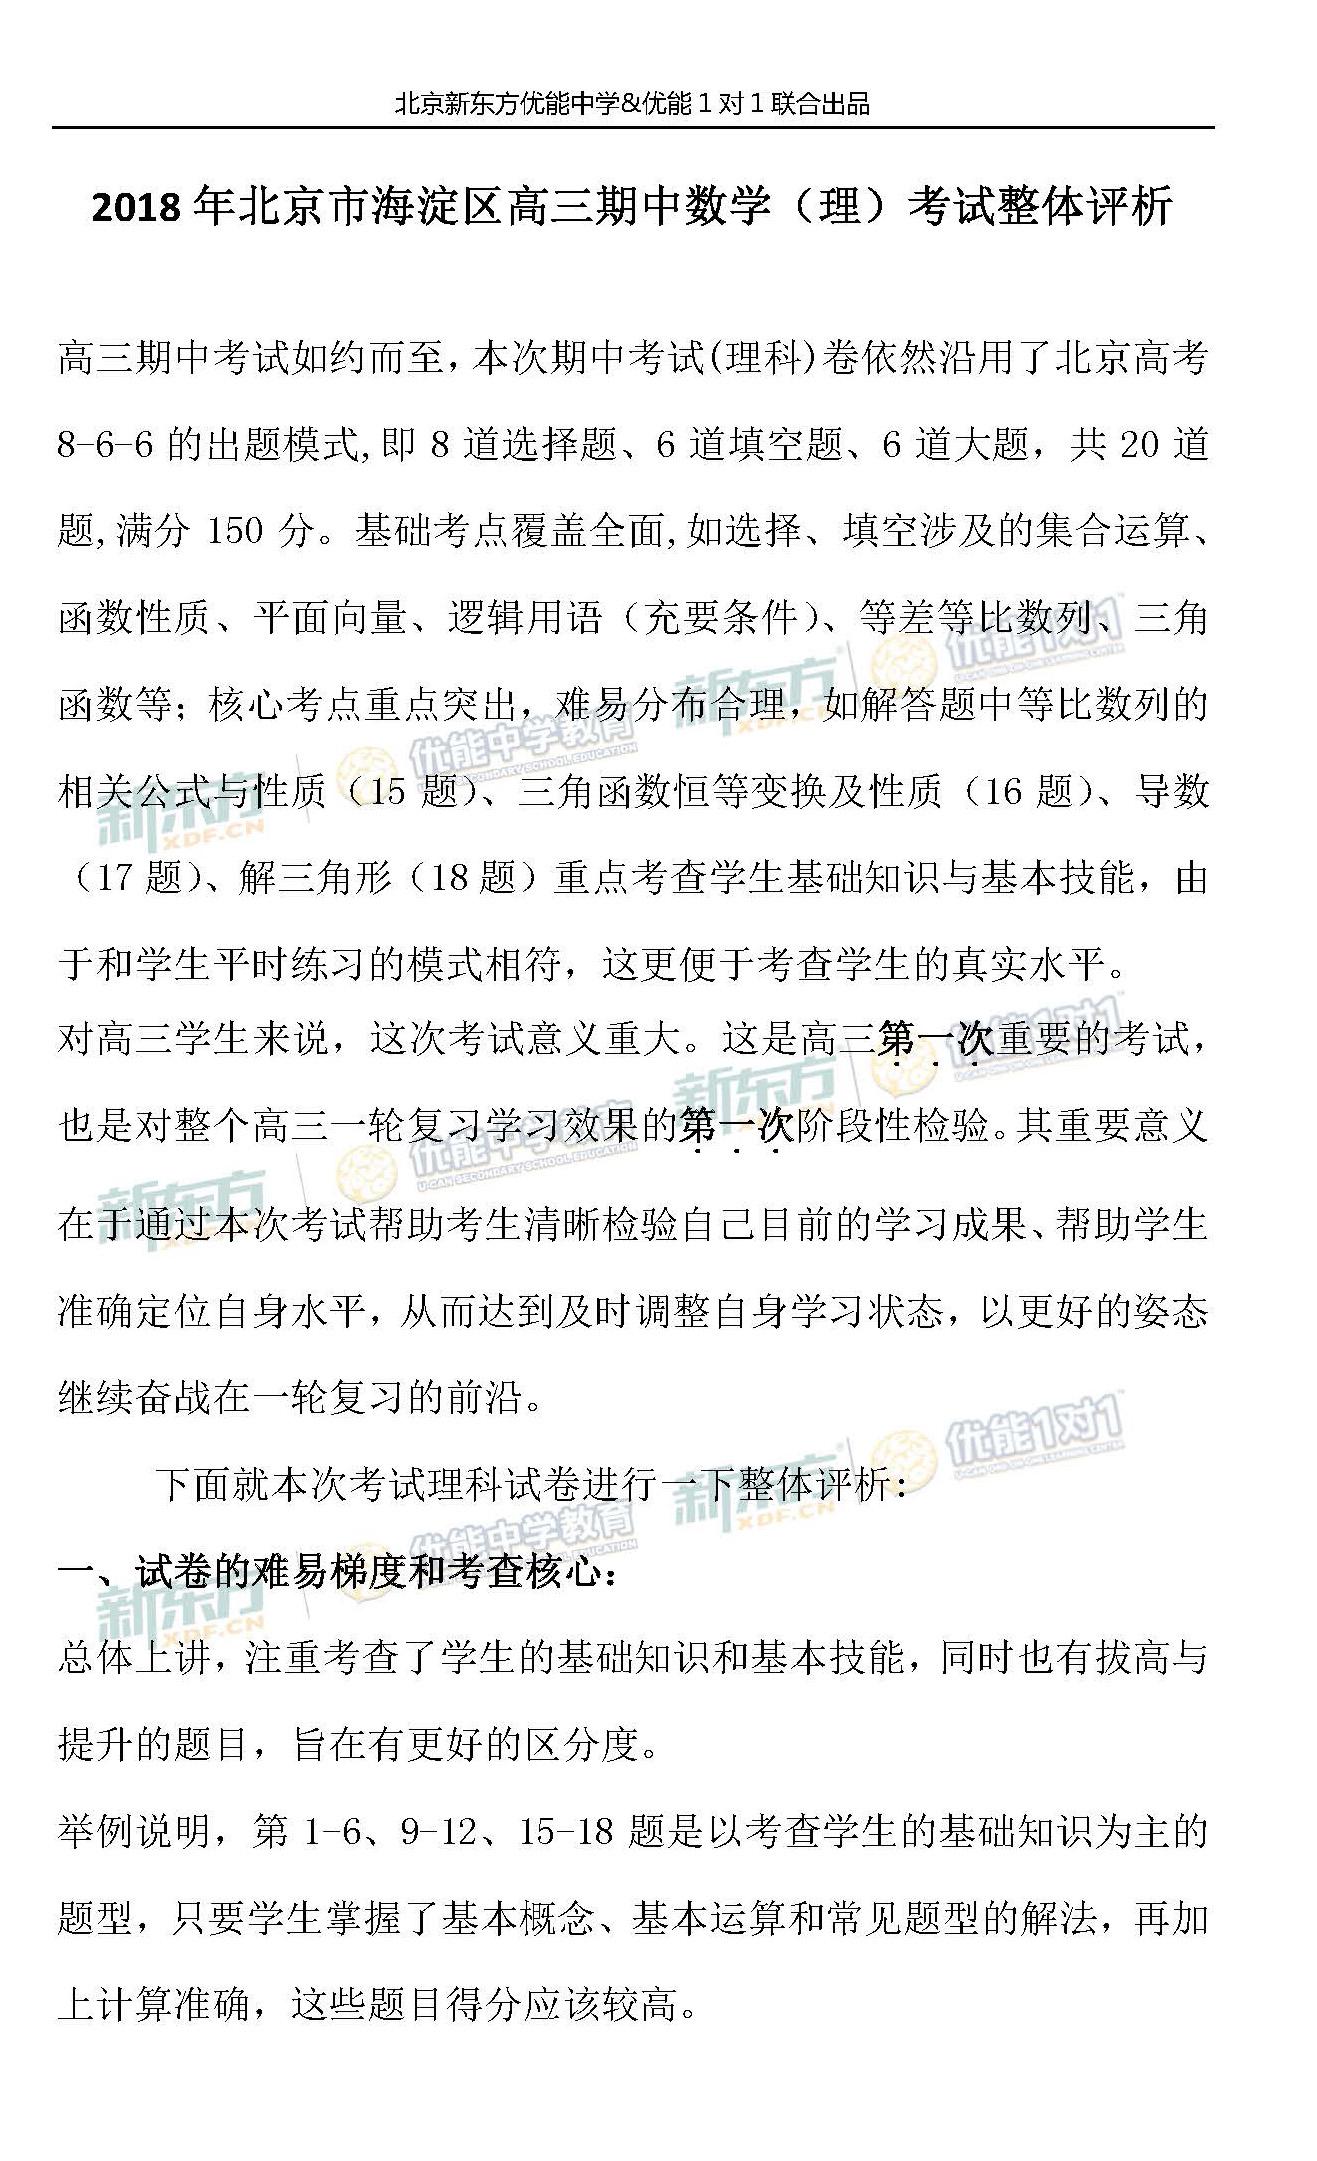 2018年北京市海淀区高三期中数学(理)考试整体评析